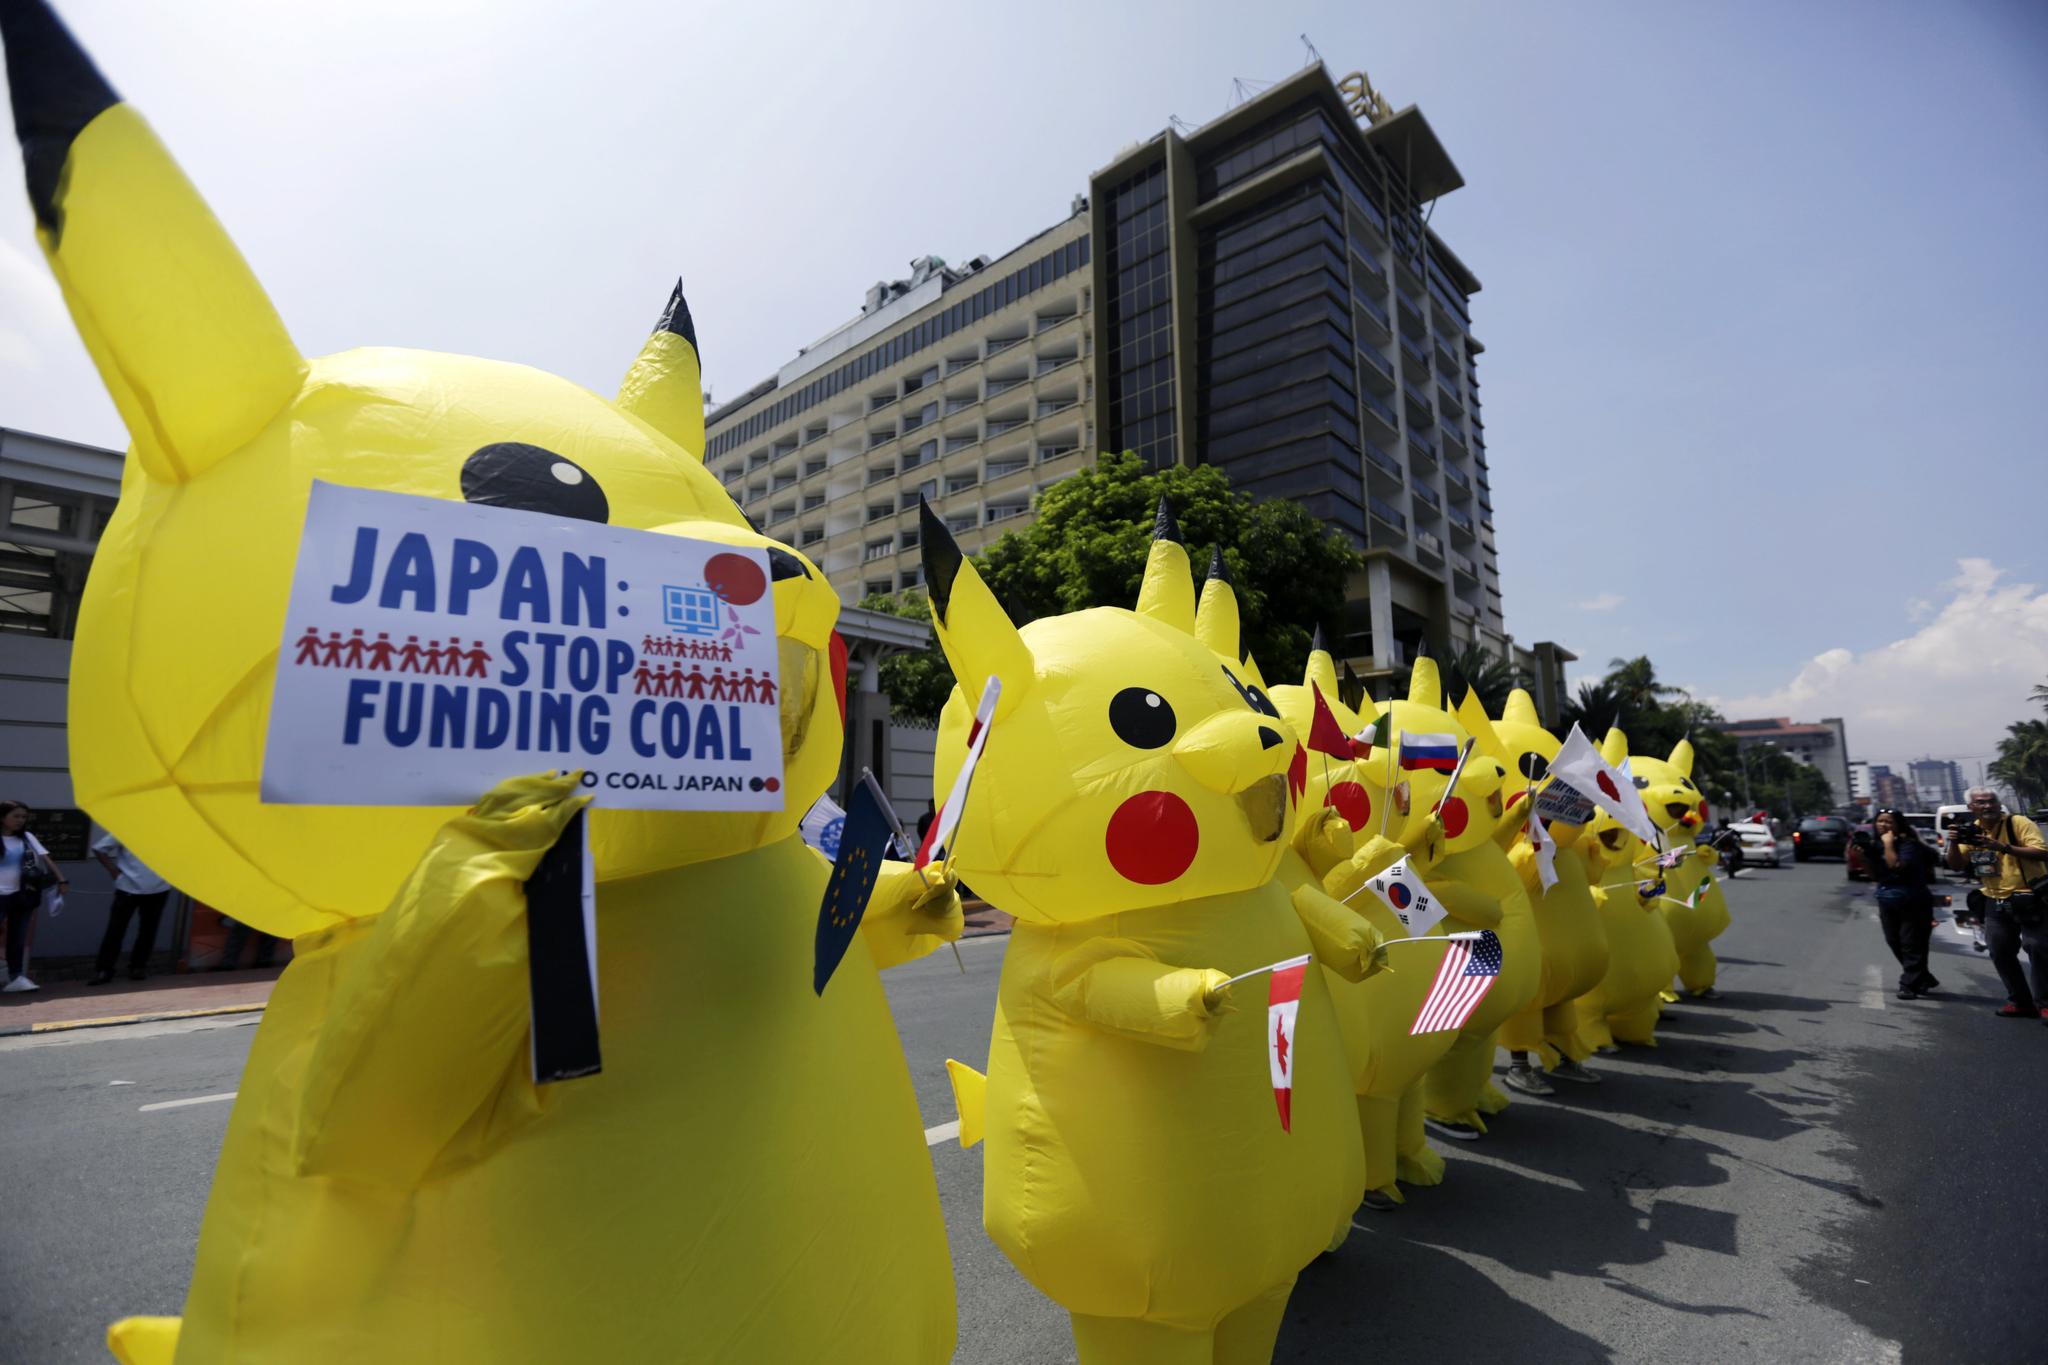 피카츄 복장을 한 환경운동가들이 25일(현지시간) 필리핀 수도 마닐라 일본 대사관 앞에서 G20 참가국 국기를 들고 시위하고 있다. [EPA=연합뉴스]